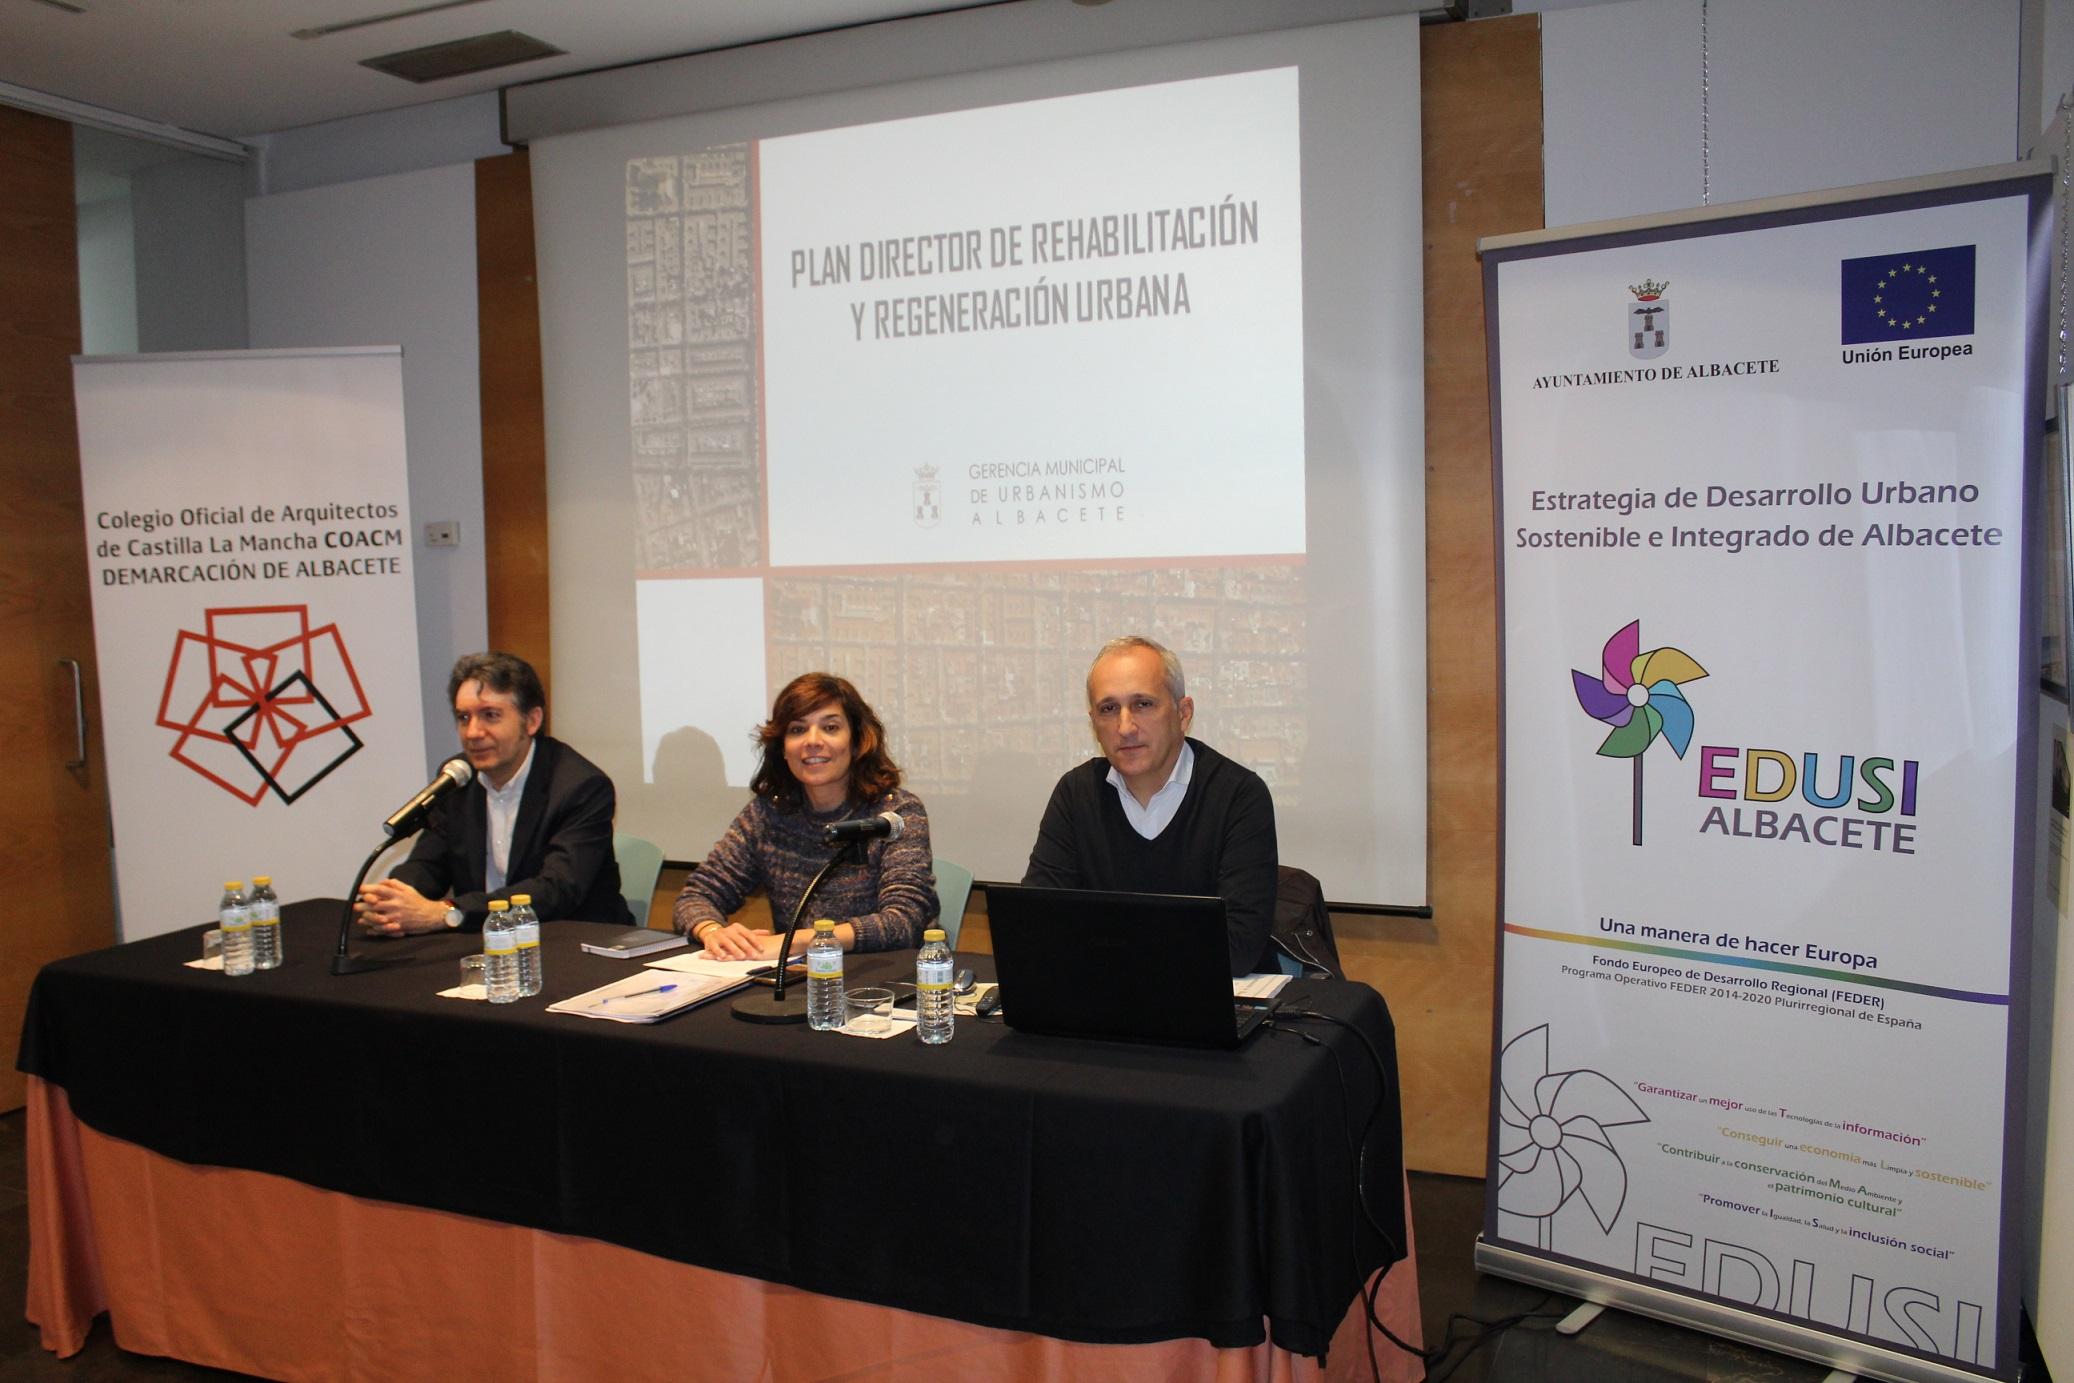 Celebrada una jornada sobre Regeneración con Juan Francisco Jerez, concejal de urbanismo.